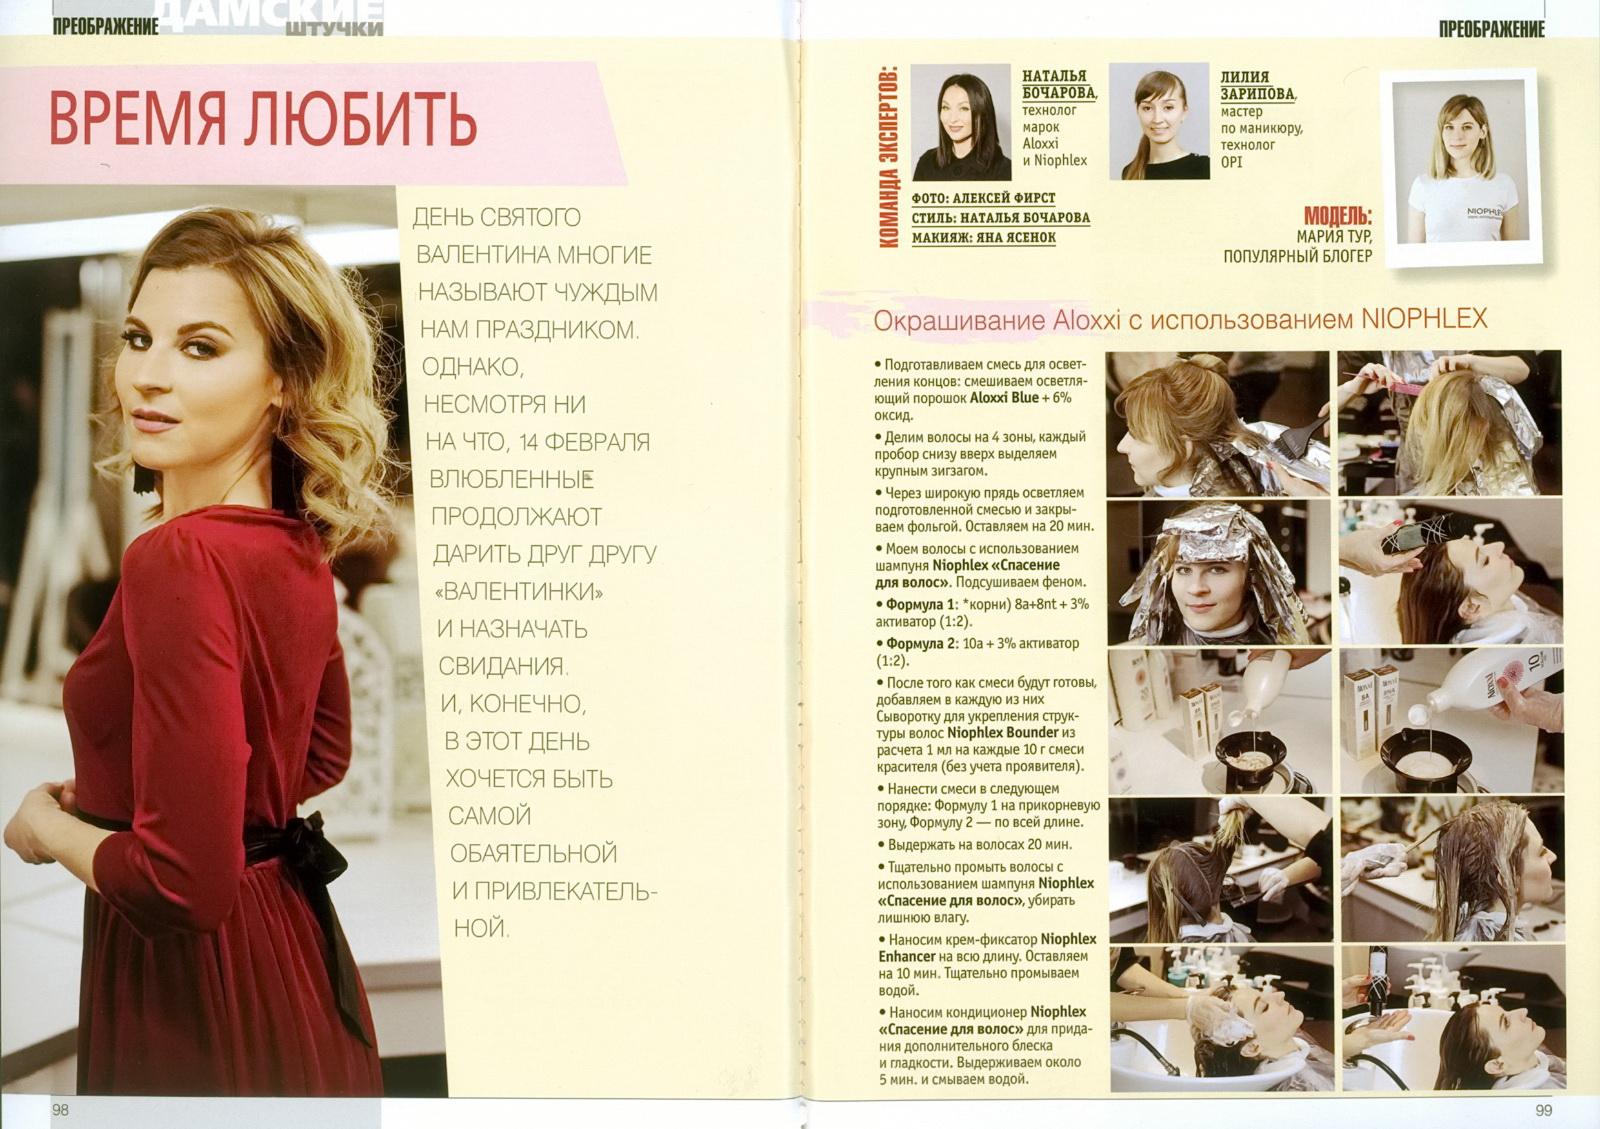 Мария Тур блогер